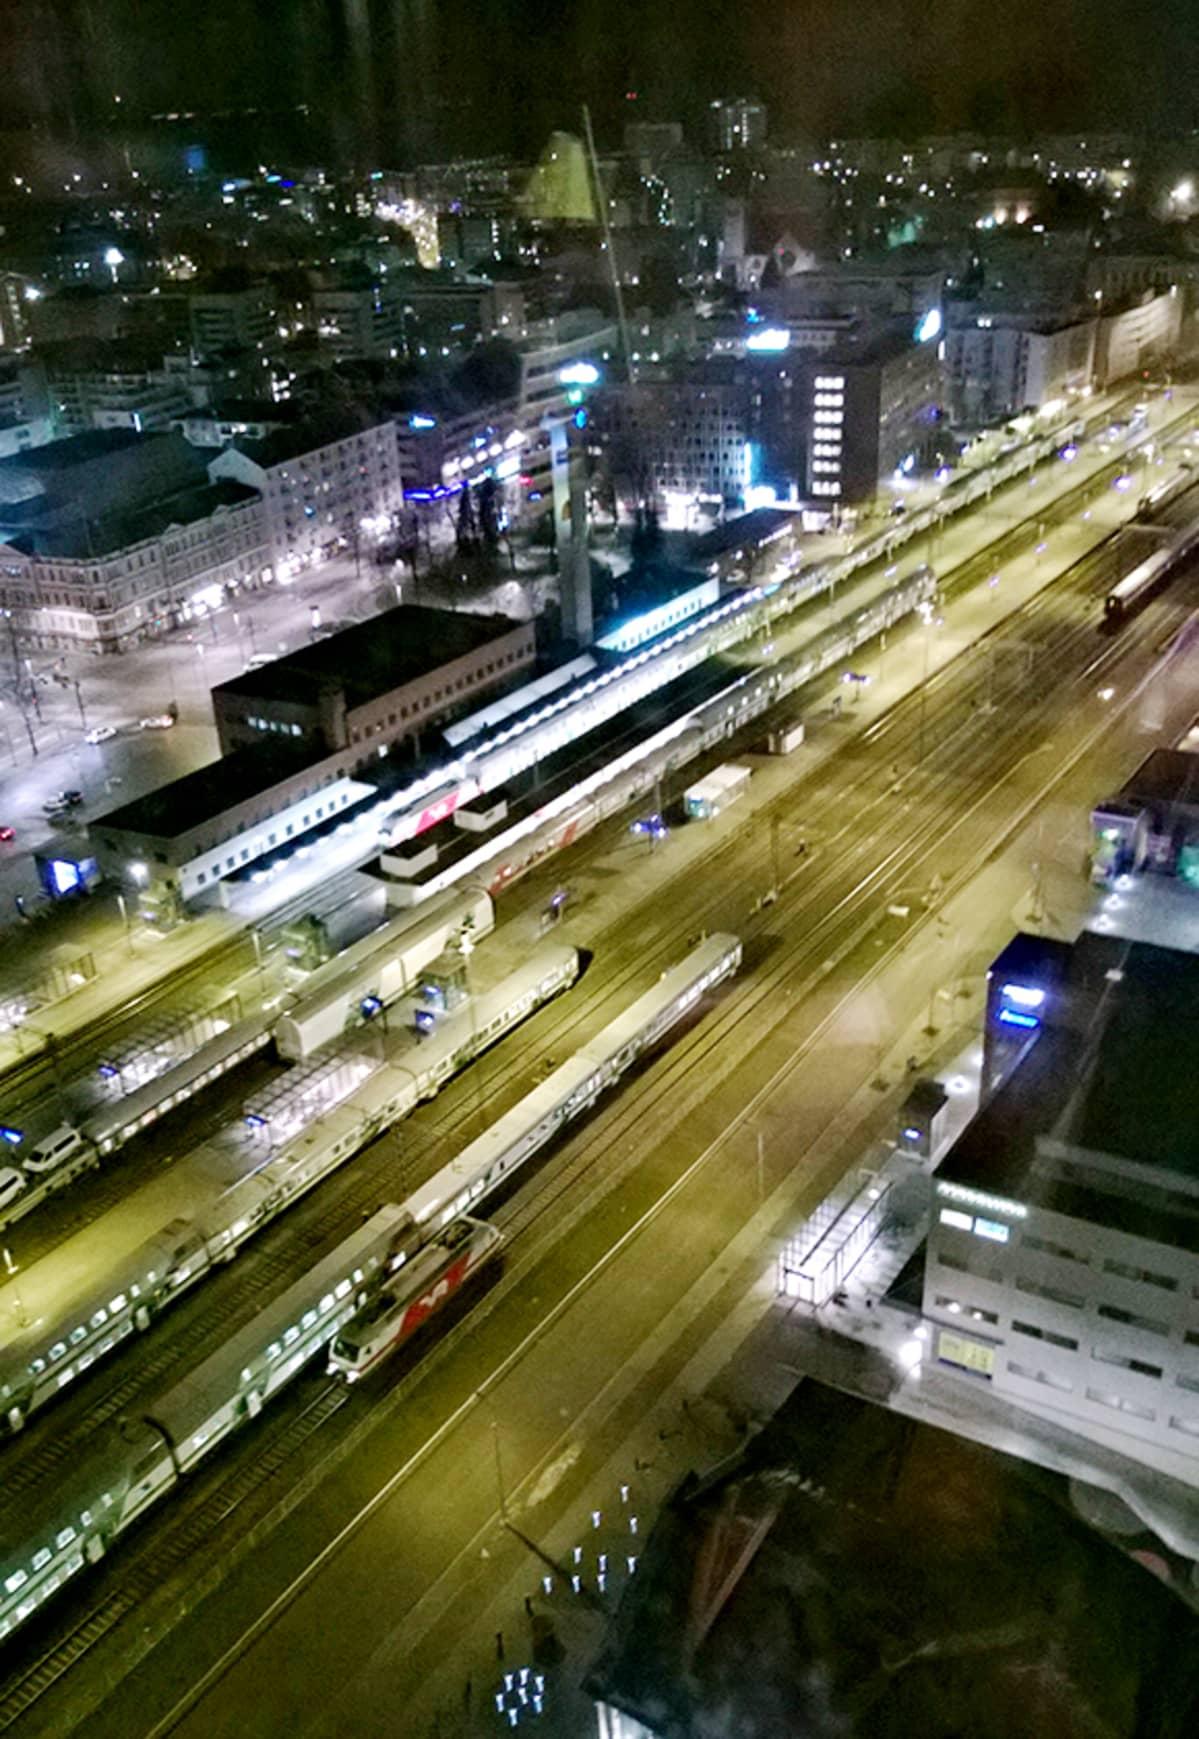 Tampereen uuden tornihotellin kattoterassilta avautuu avara näkymä Tampereen keskustaan. VR:n ratapiha on hotellin vieressä.